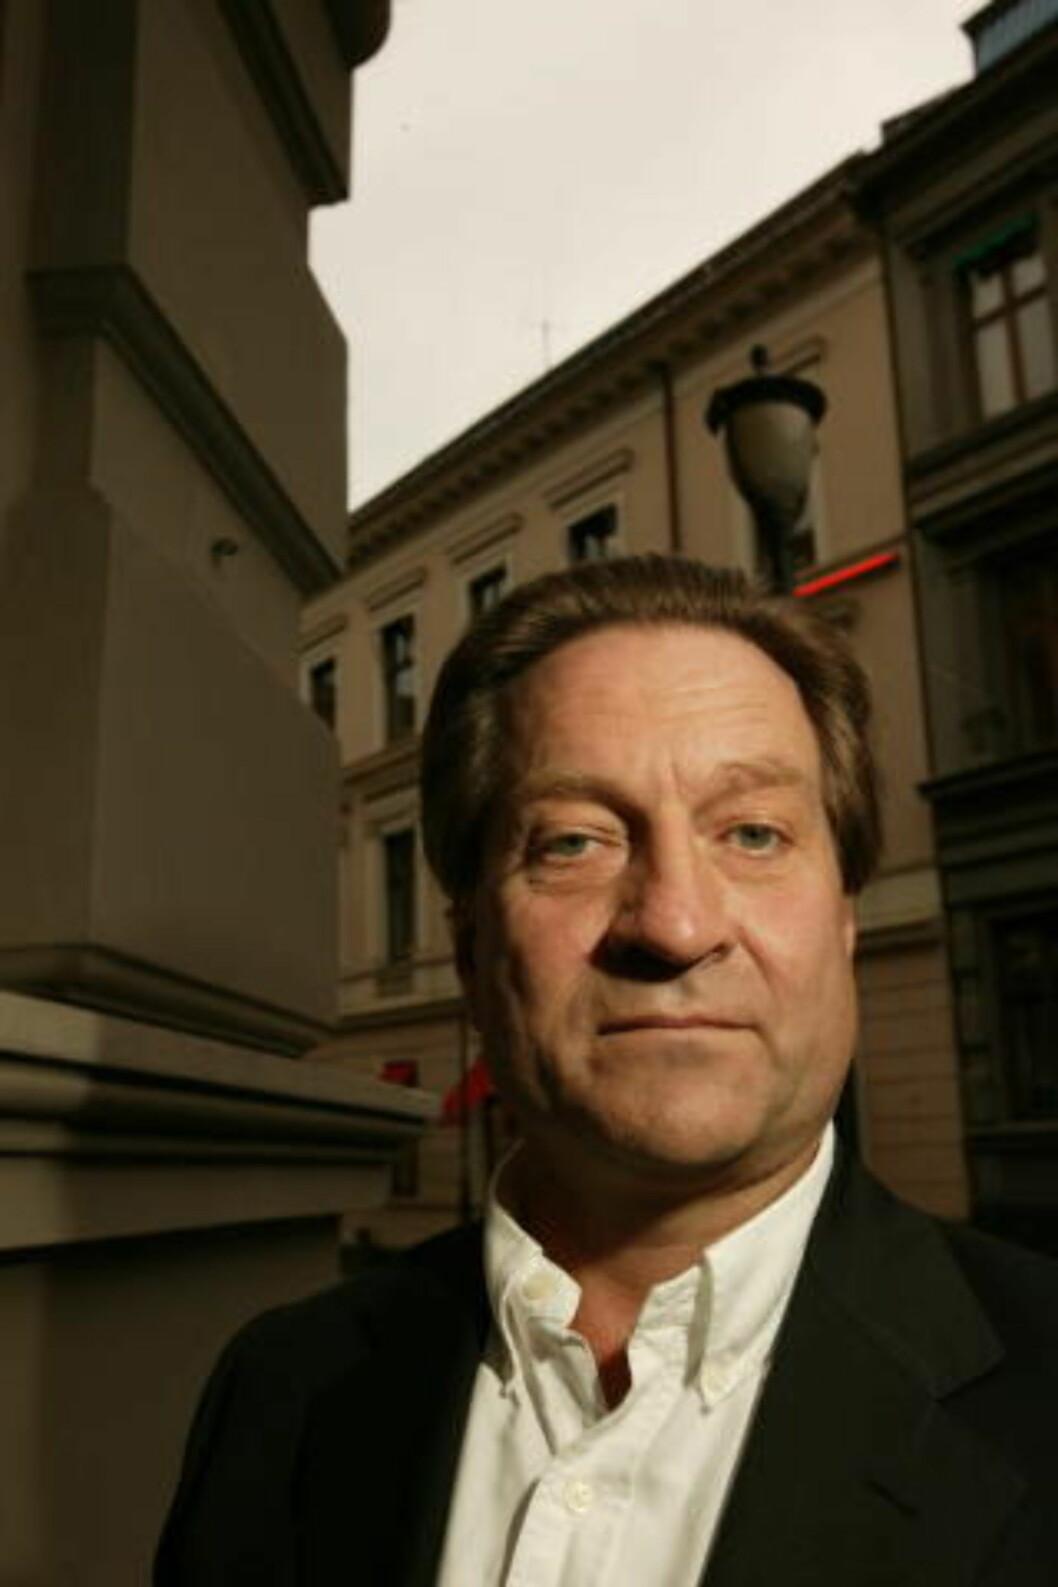 <strong>- PROBLEMATISK:</strong> Tom Kristensen er kritisk til å formidle tanker. Foto: Henning Lillegård.